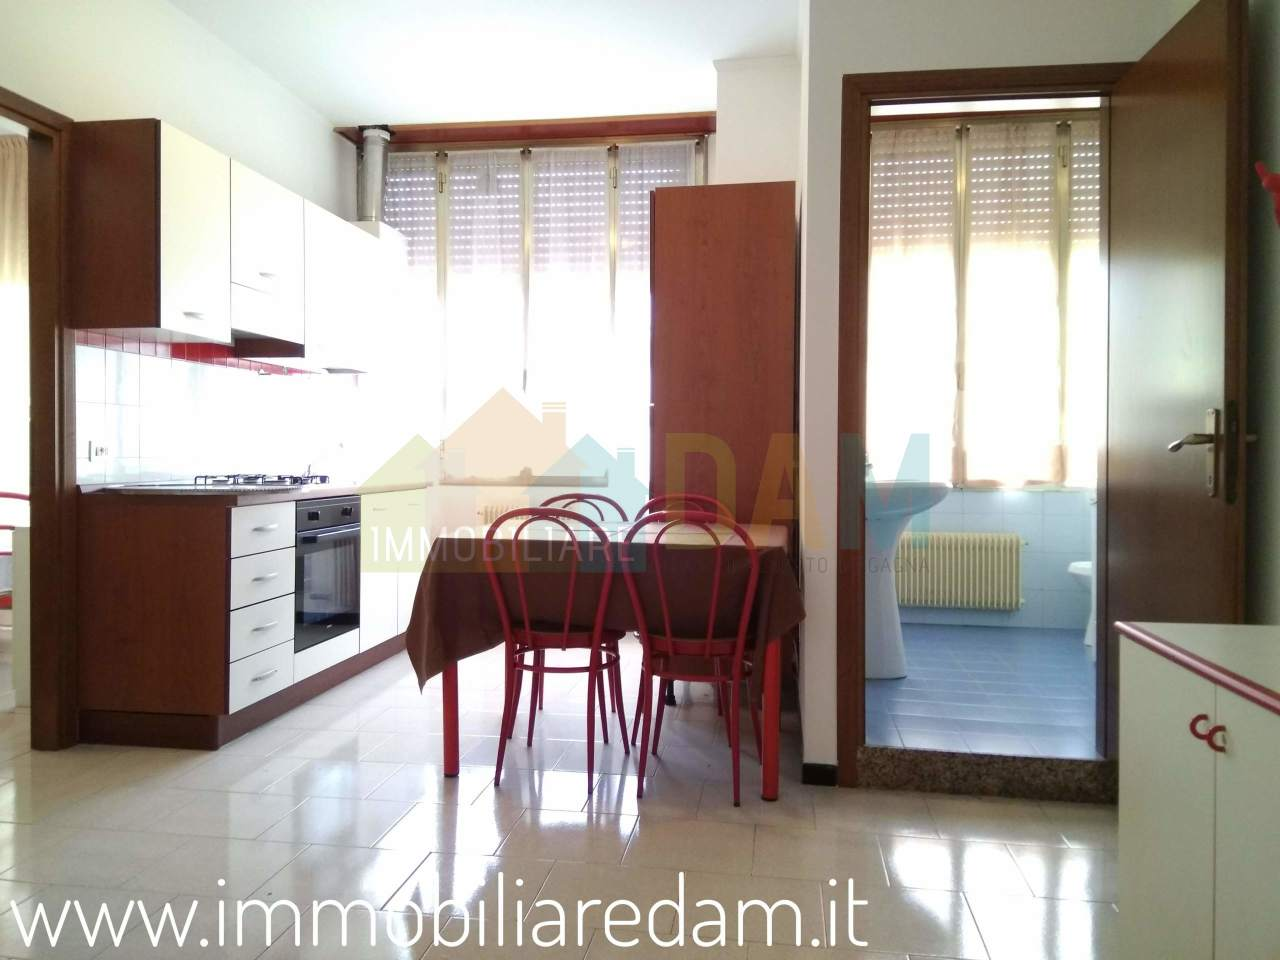 Appartamento - Miniappartamento a INT. SAN FELICE, Vicenza